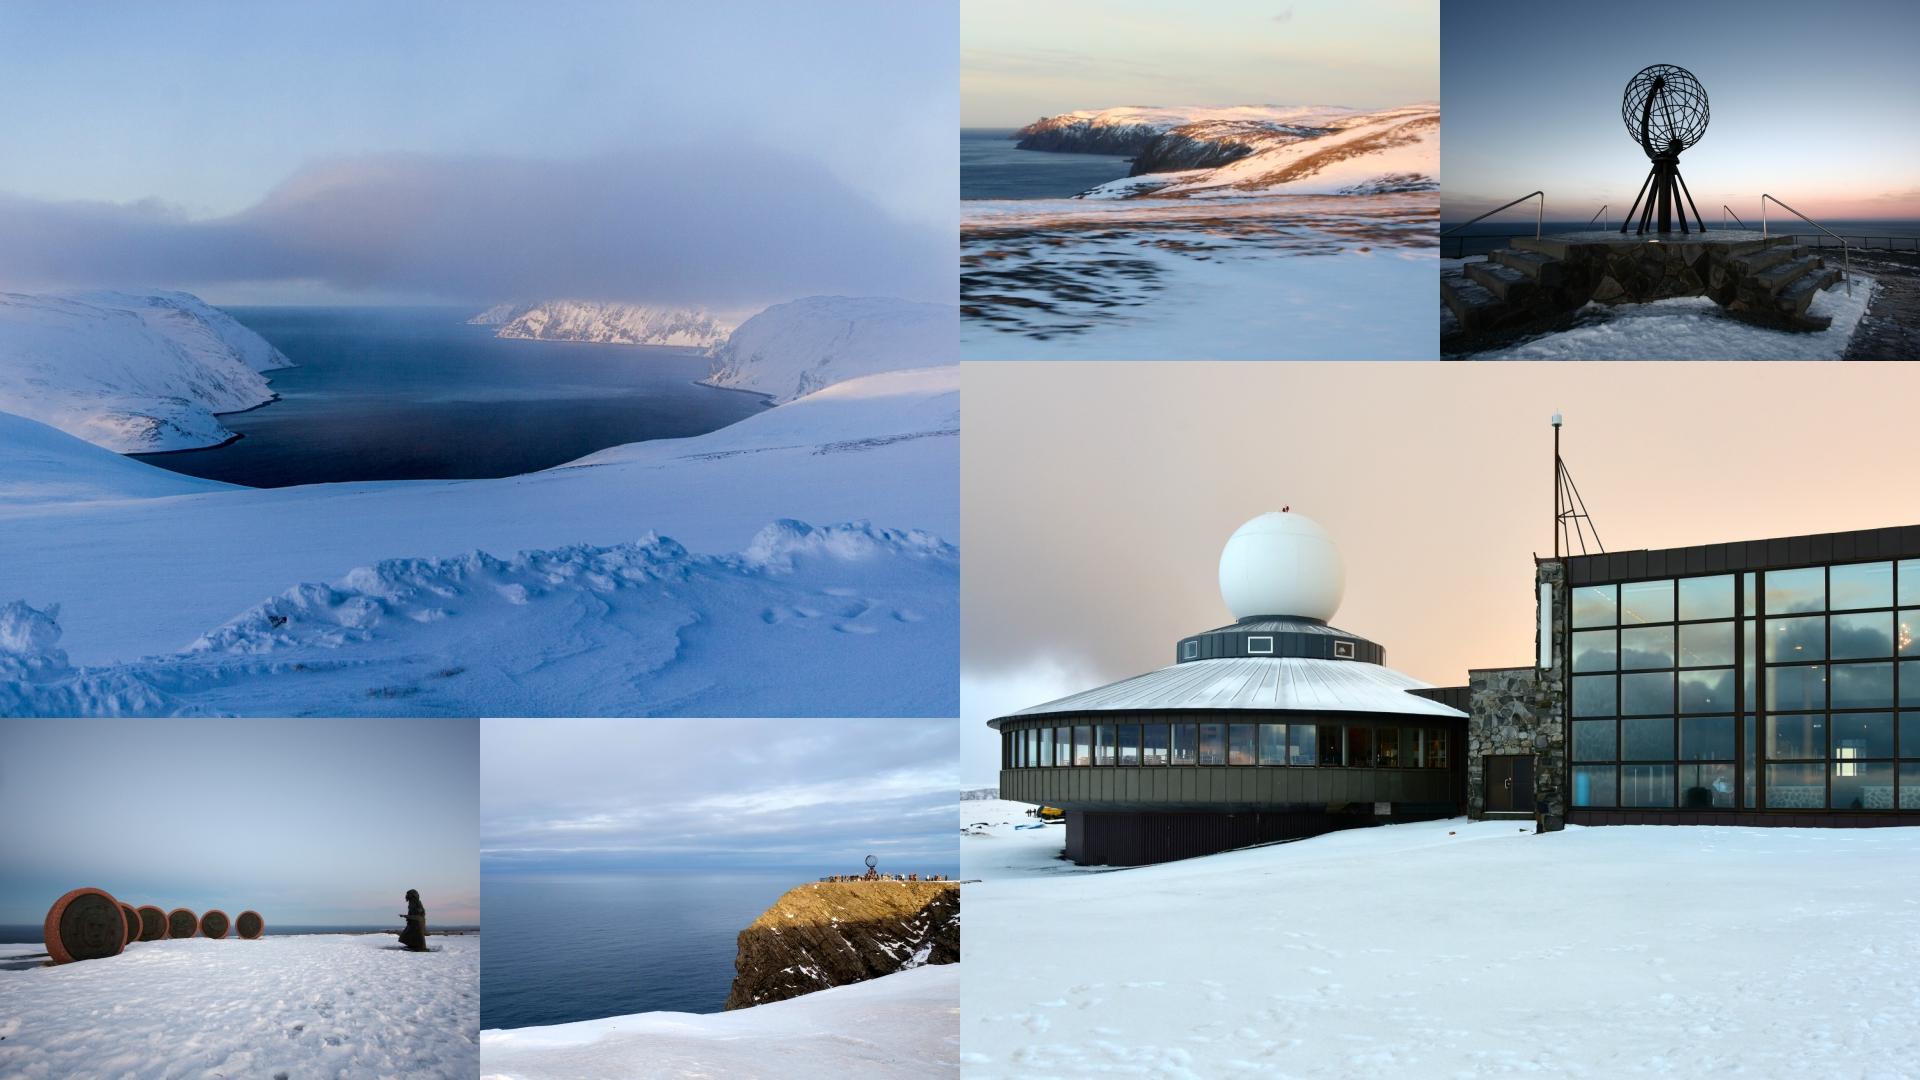 Самые снежные точки планеты, вкоторых можно поездить наавтомобиле. Фото 2